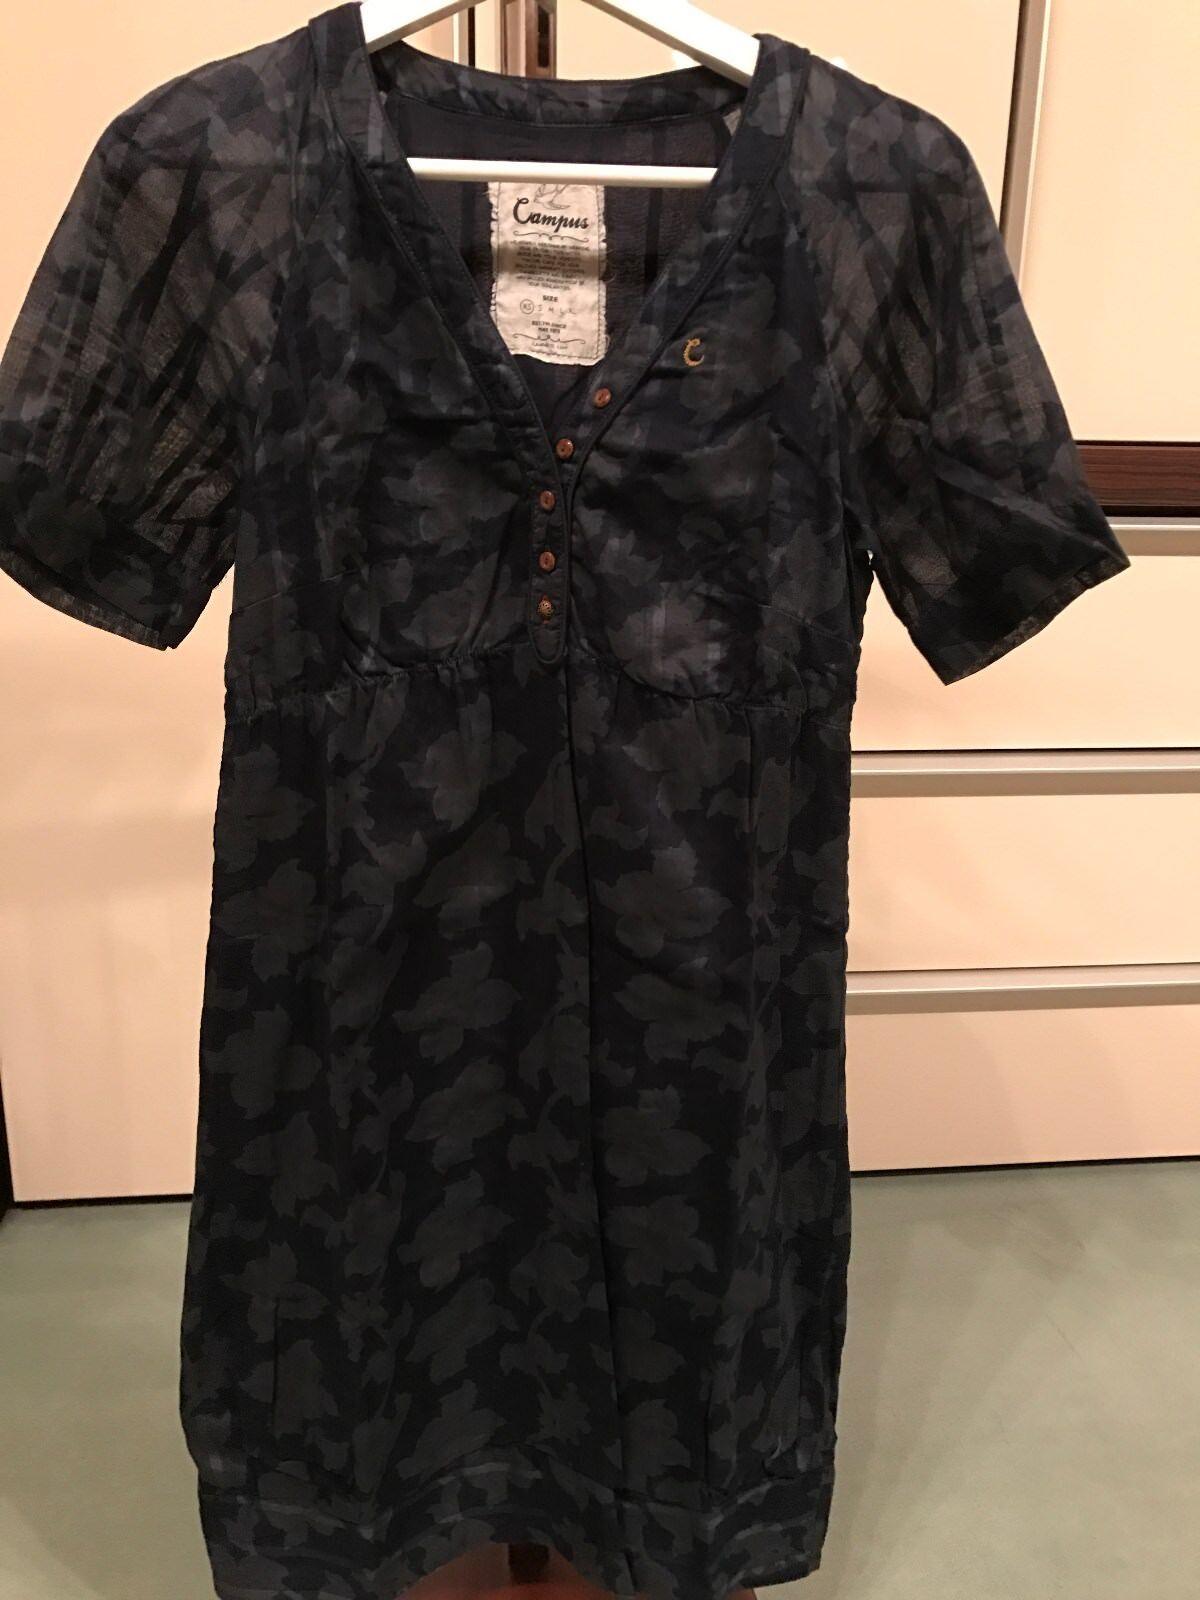 Damen Kleid, Campus by Marco Polo, Neu ohne Etikett, Größe XS